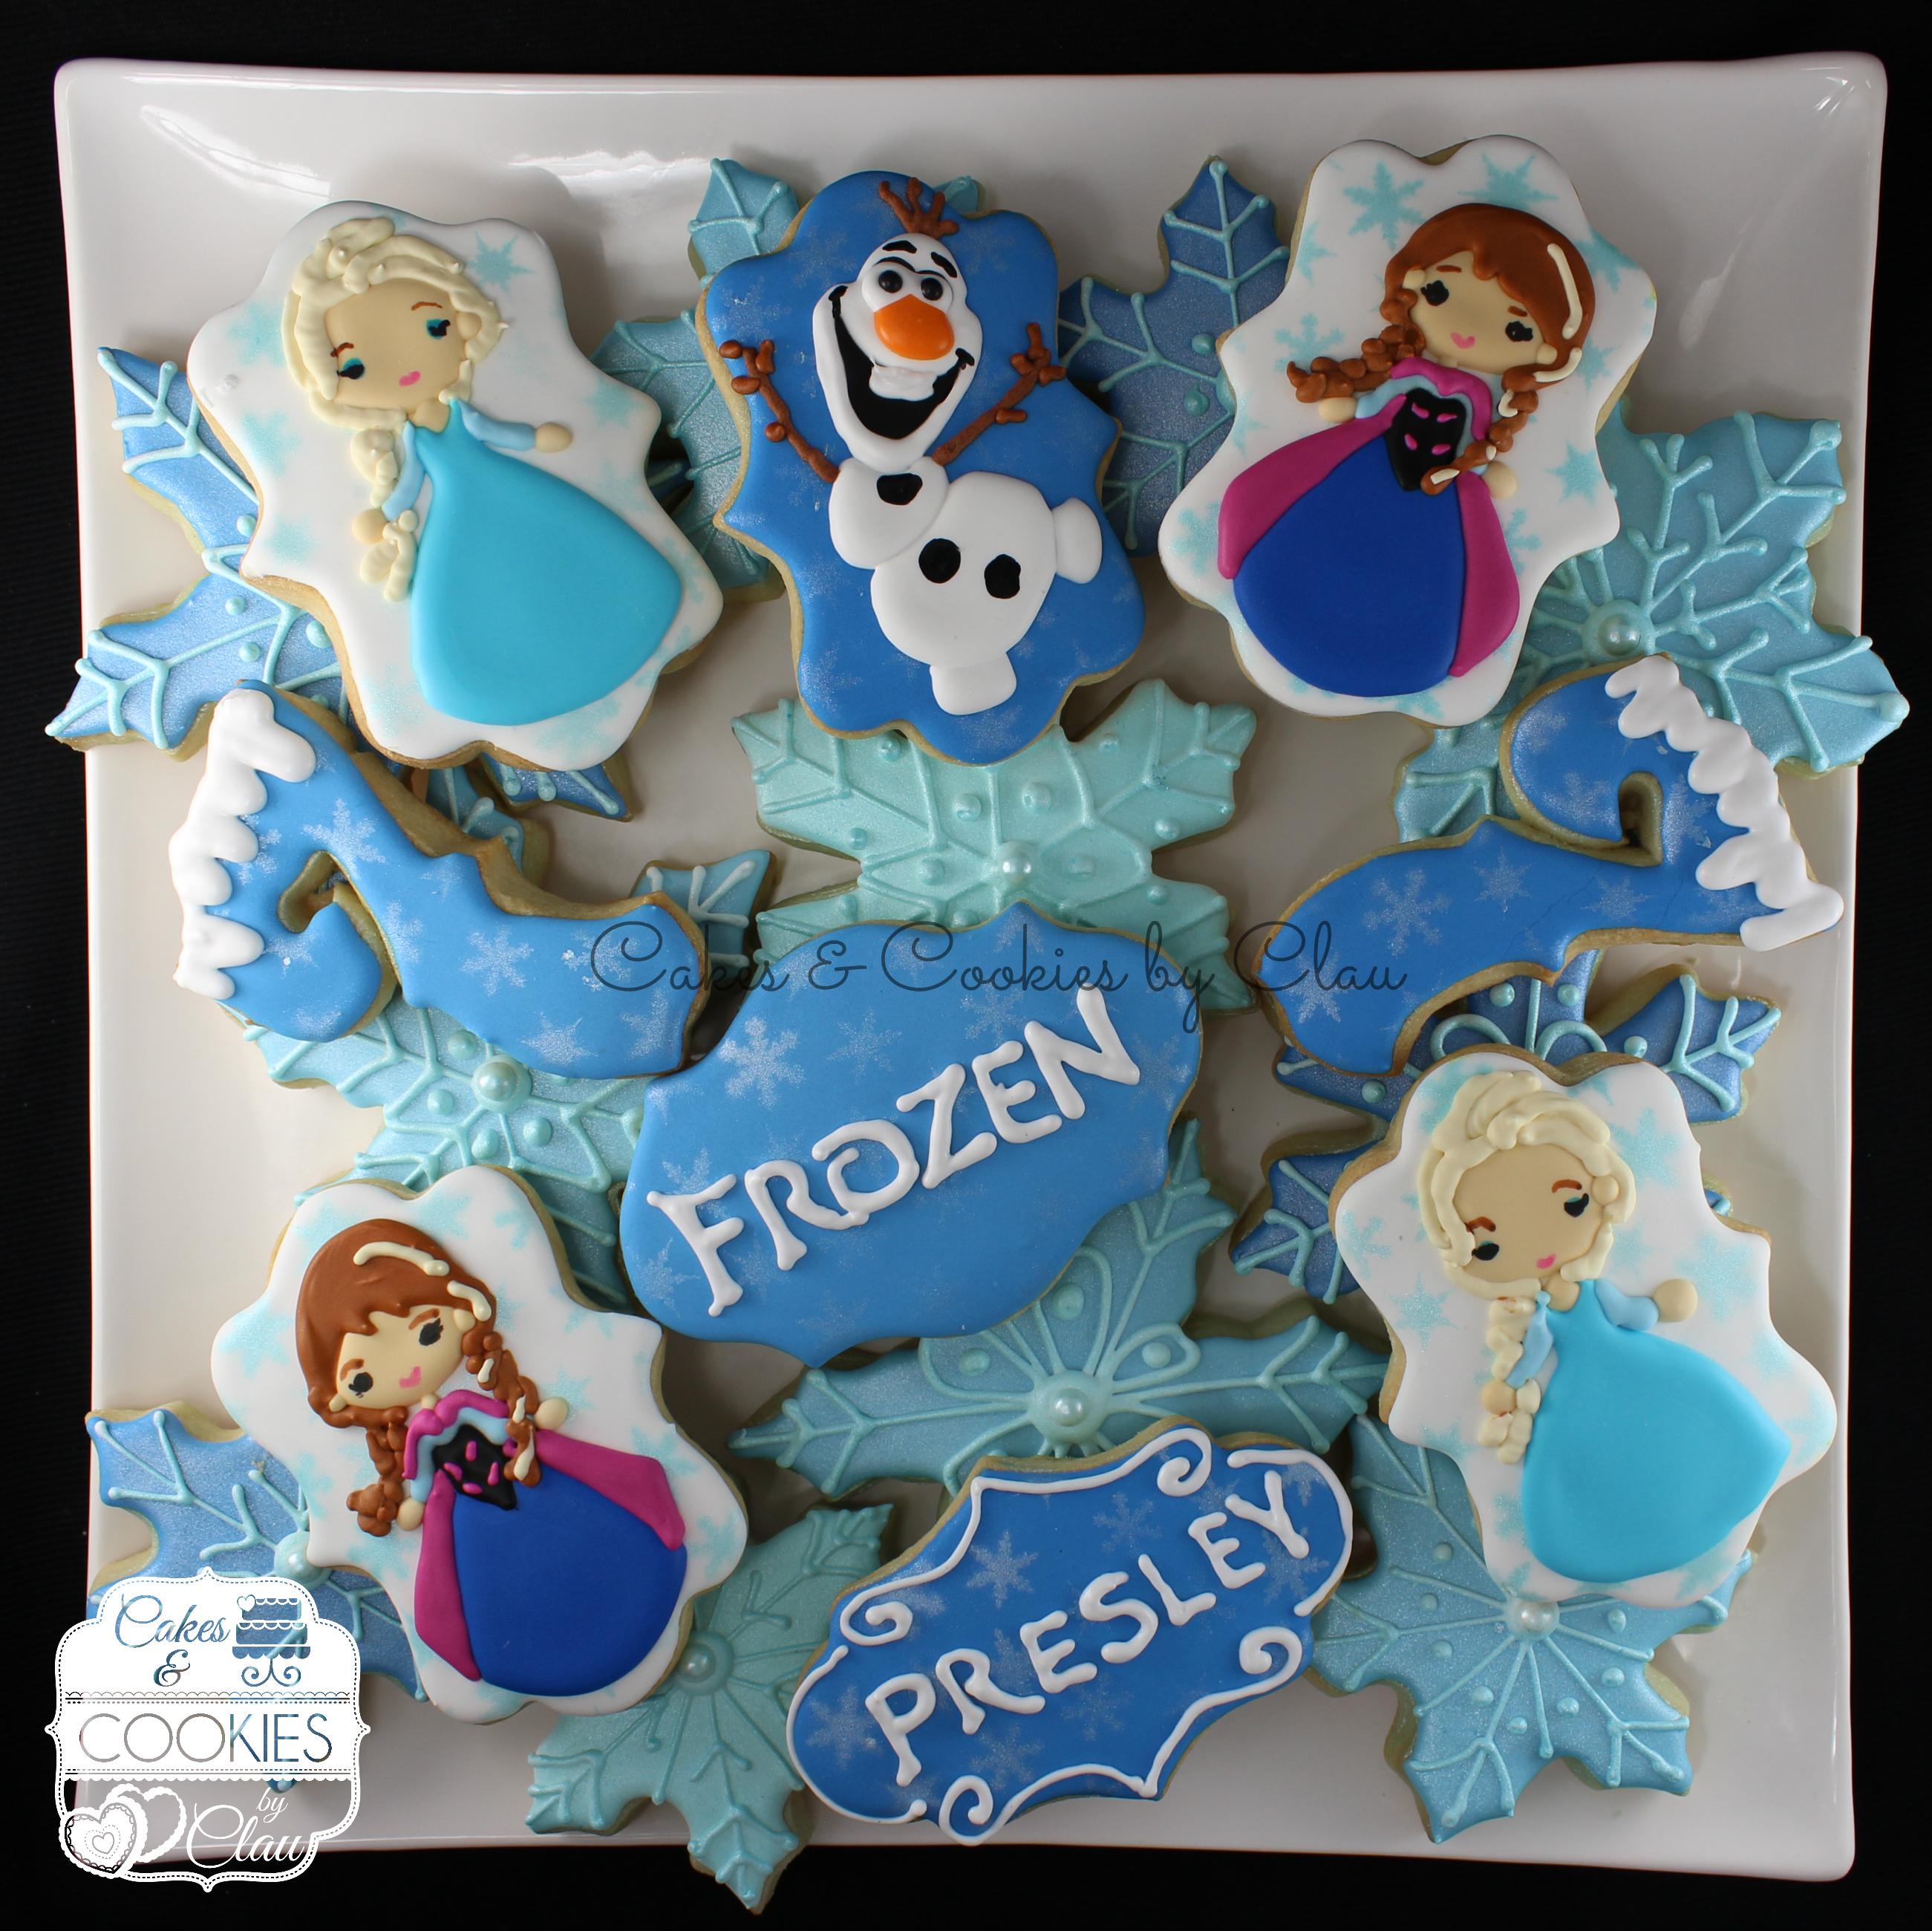 Presley's Frozen Platter